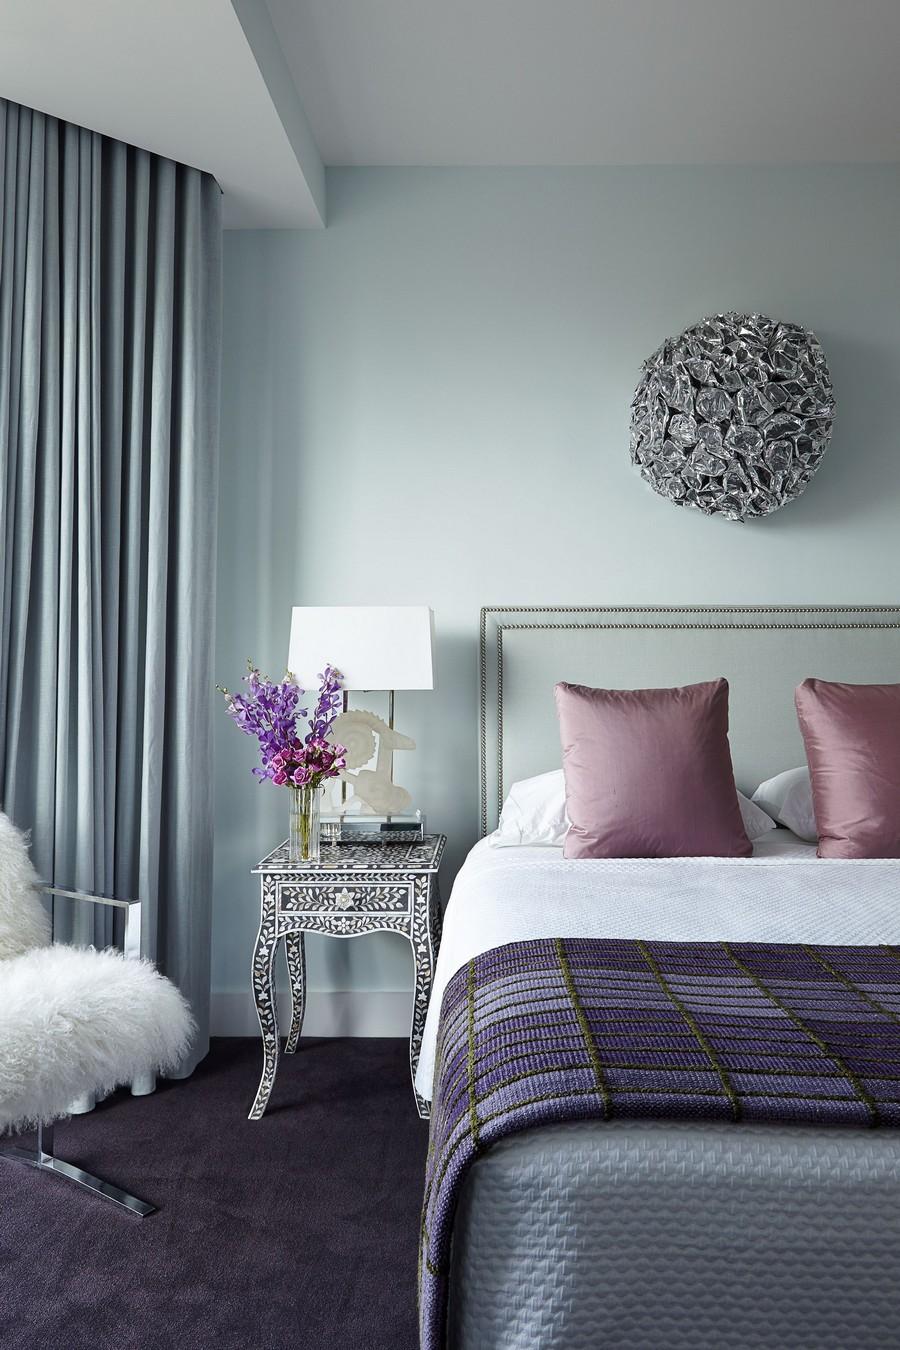 Contemporary Bedroom Design Ideas By Brown Davis Design Studios brown davis Contemporary Bedroom Design Ideas By Brown Davis Design Studios Contemporary Bedroom Design Ideas By Brown Davis Design Studios 2